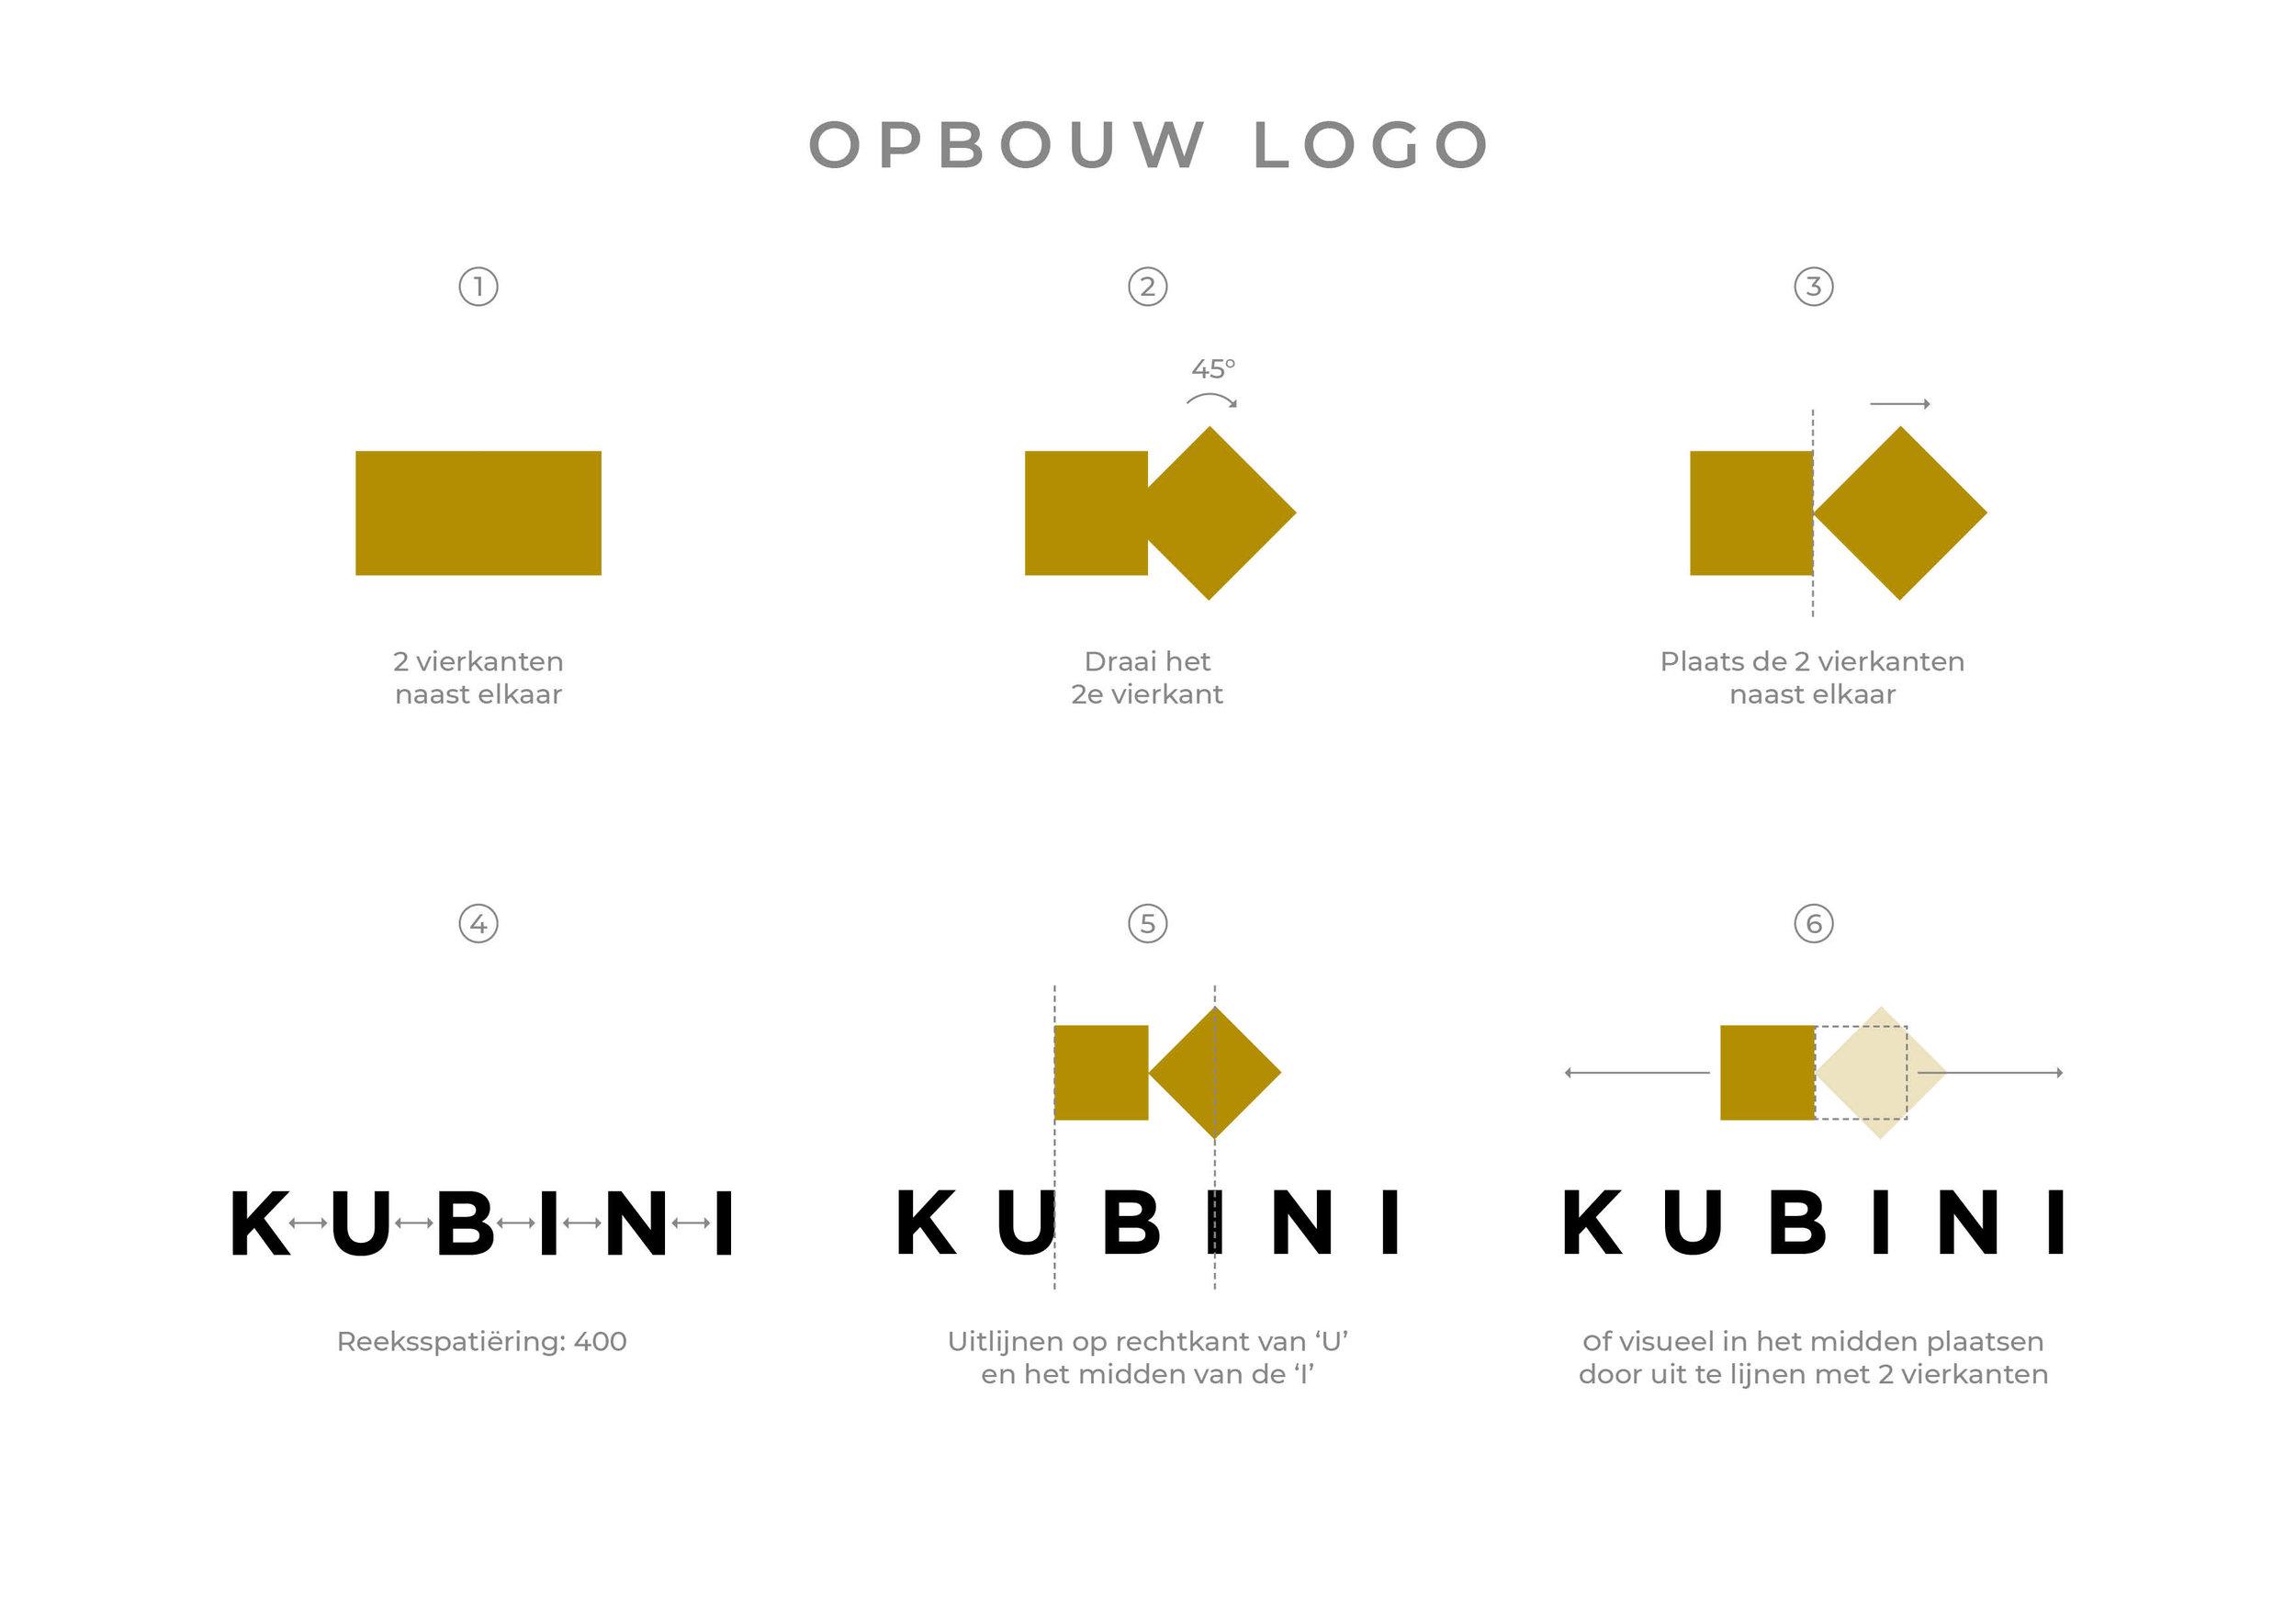 Kubini - Opbouw Logo